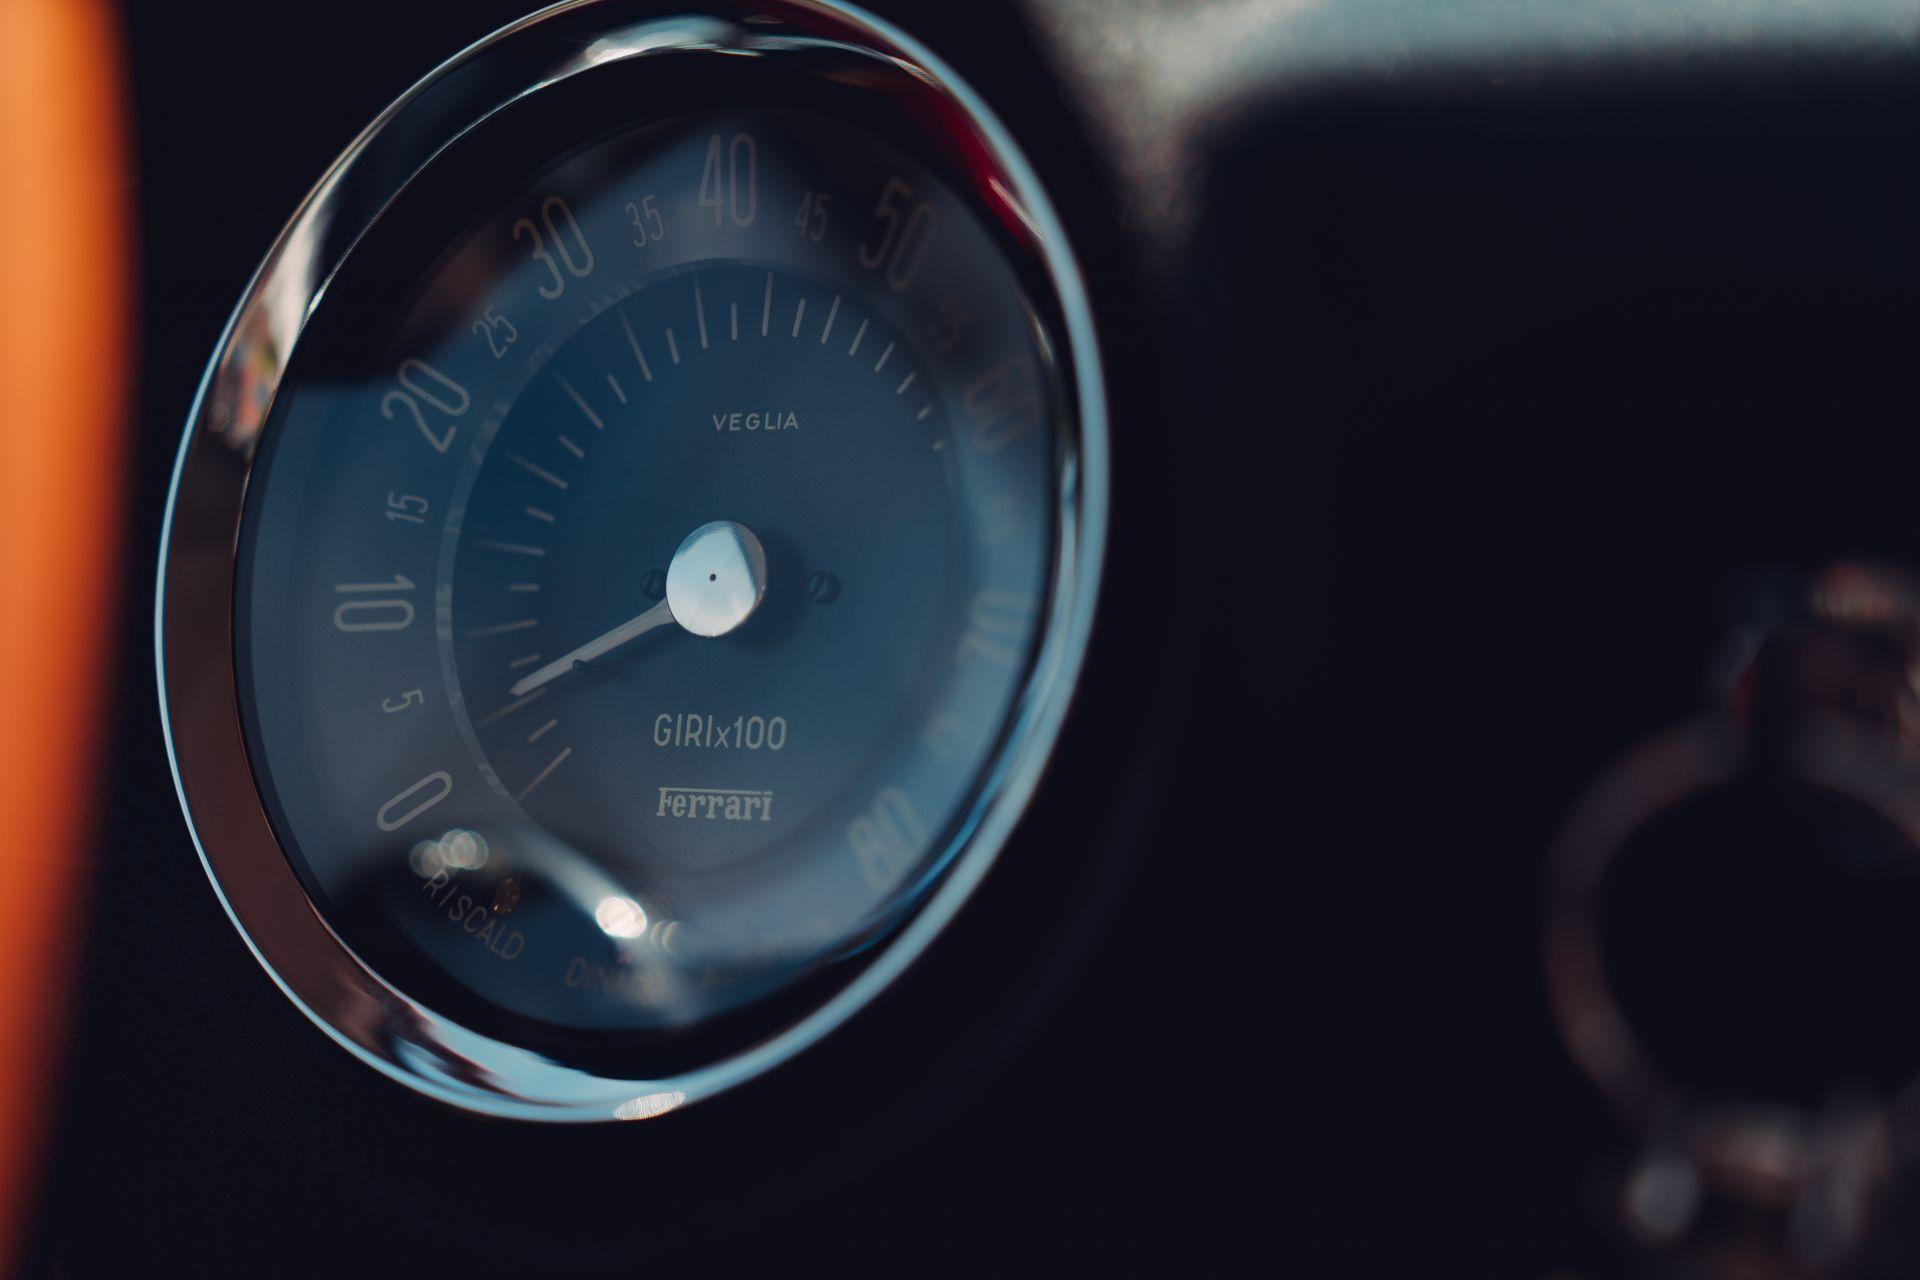 Ferrari-250-GT-SWB-Berlinetta-Competizione-Revival-by-GTO-Engineering-32